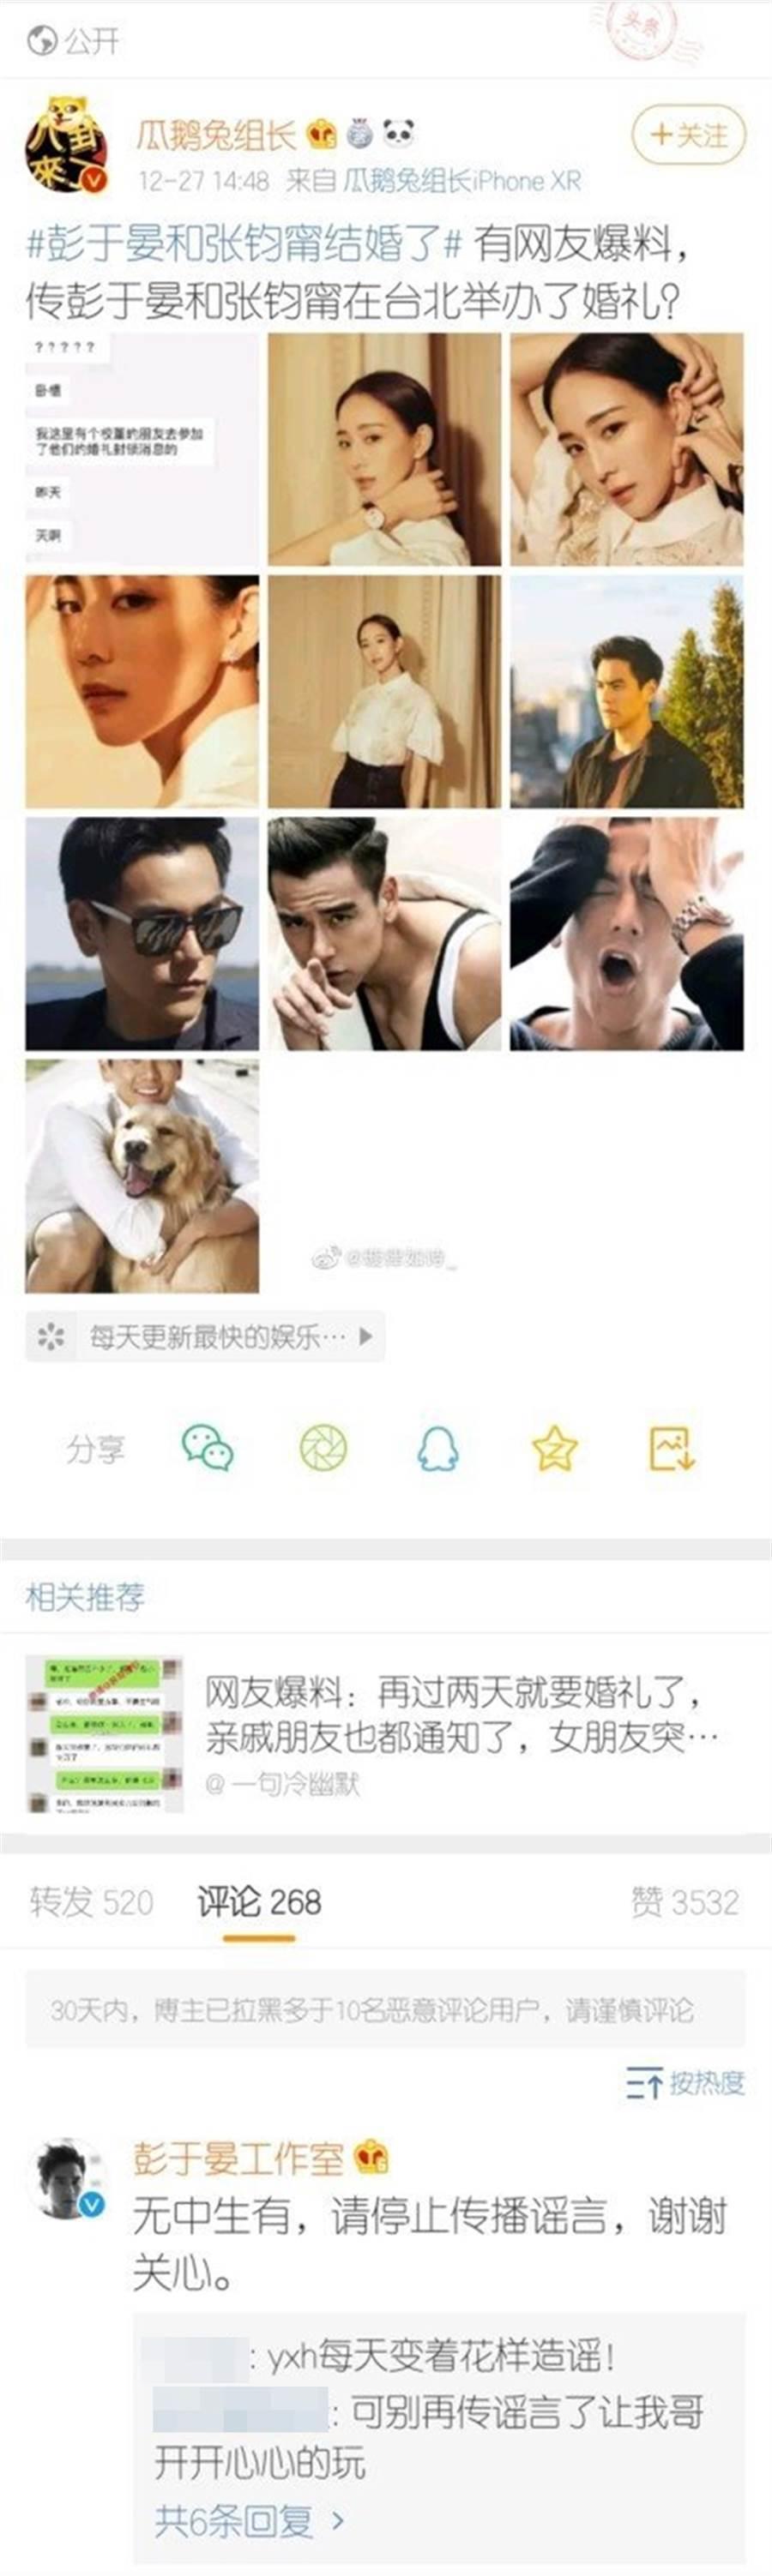 彭于晏工作室否認傳言。圖/摘自微博